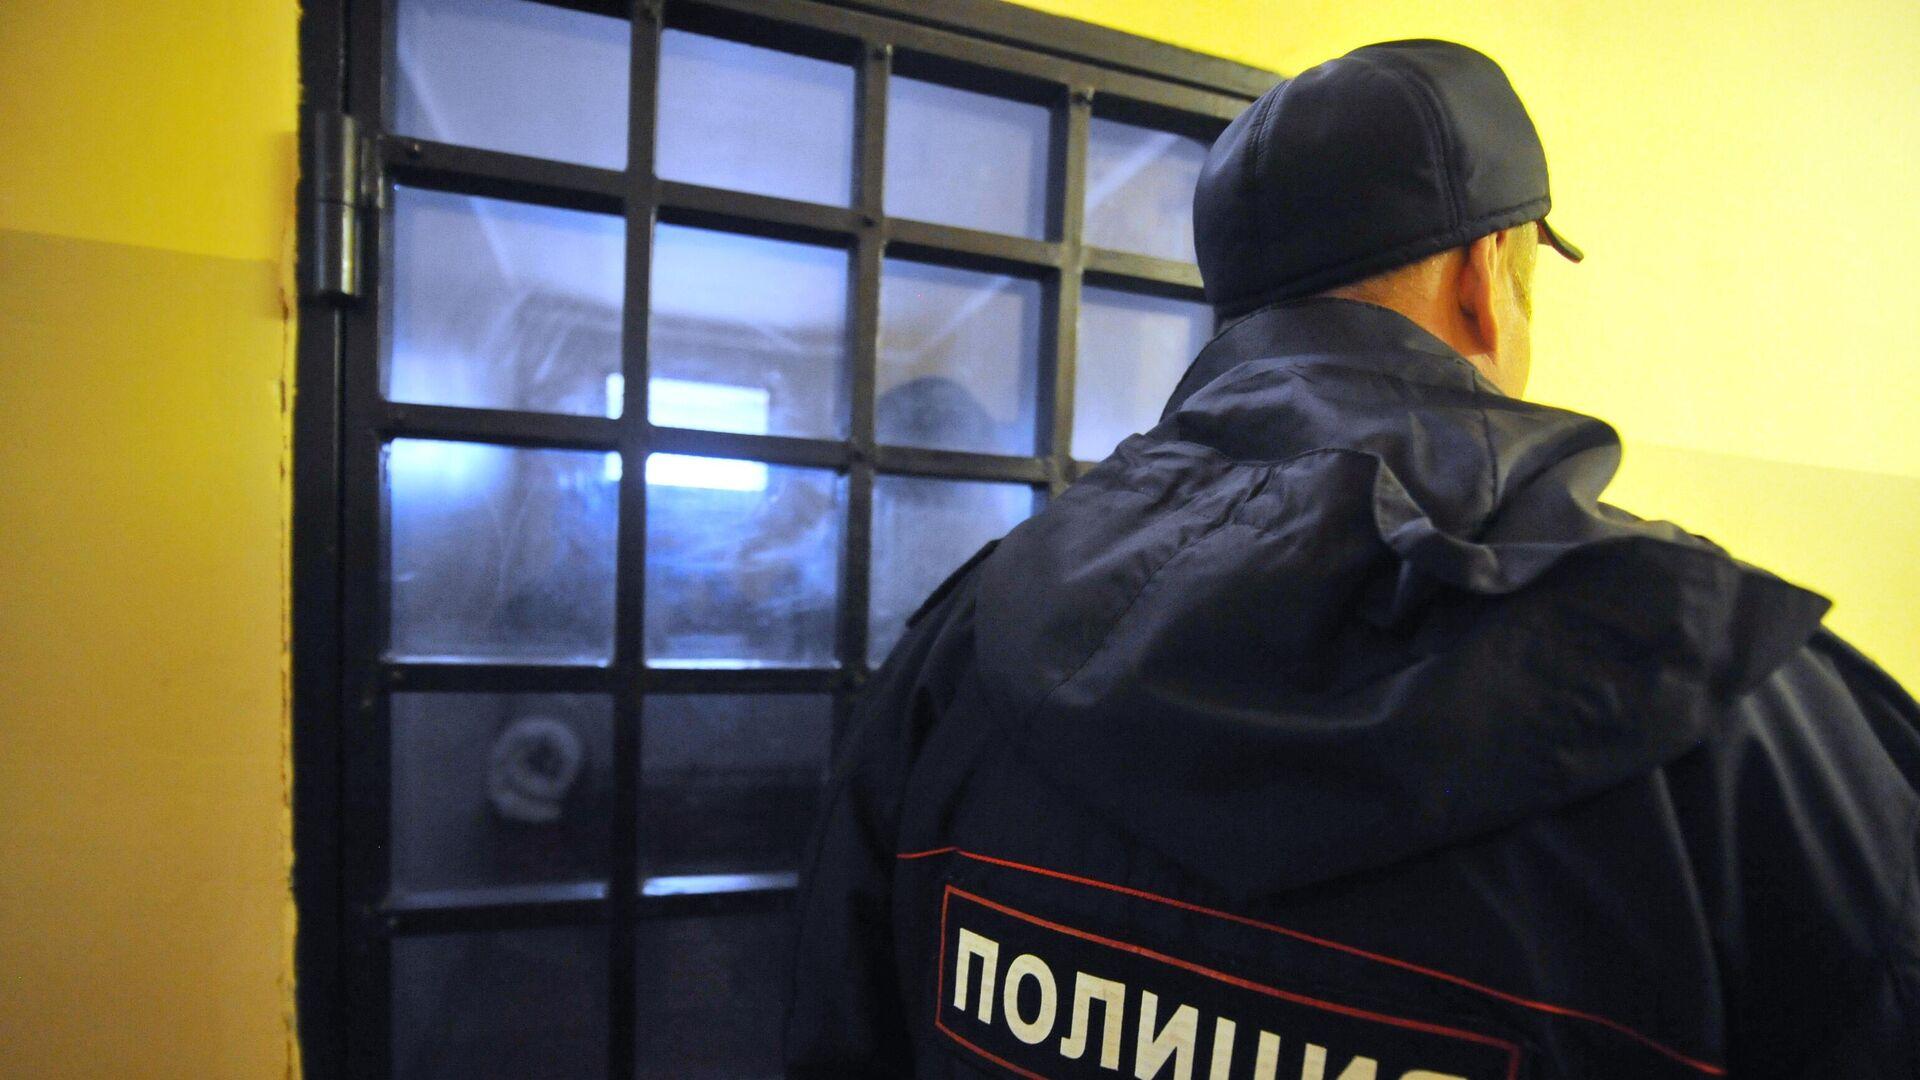 Сотрудник полиции возле изолятора временного содержания - РИА Новости, 1920, 05.08.2021